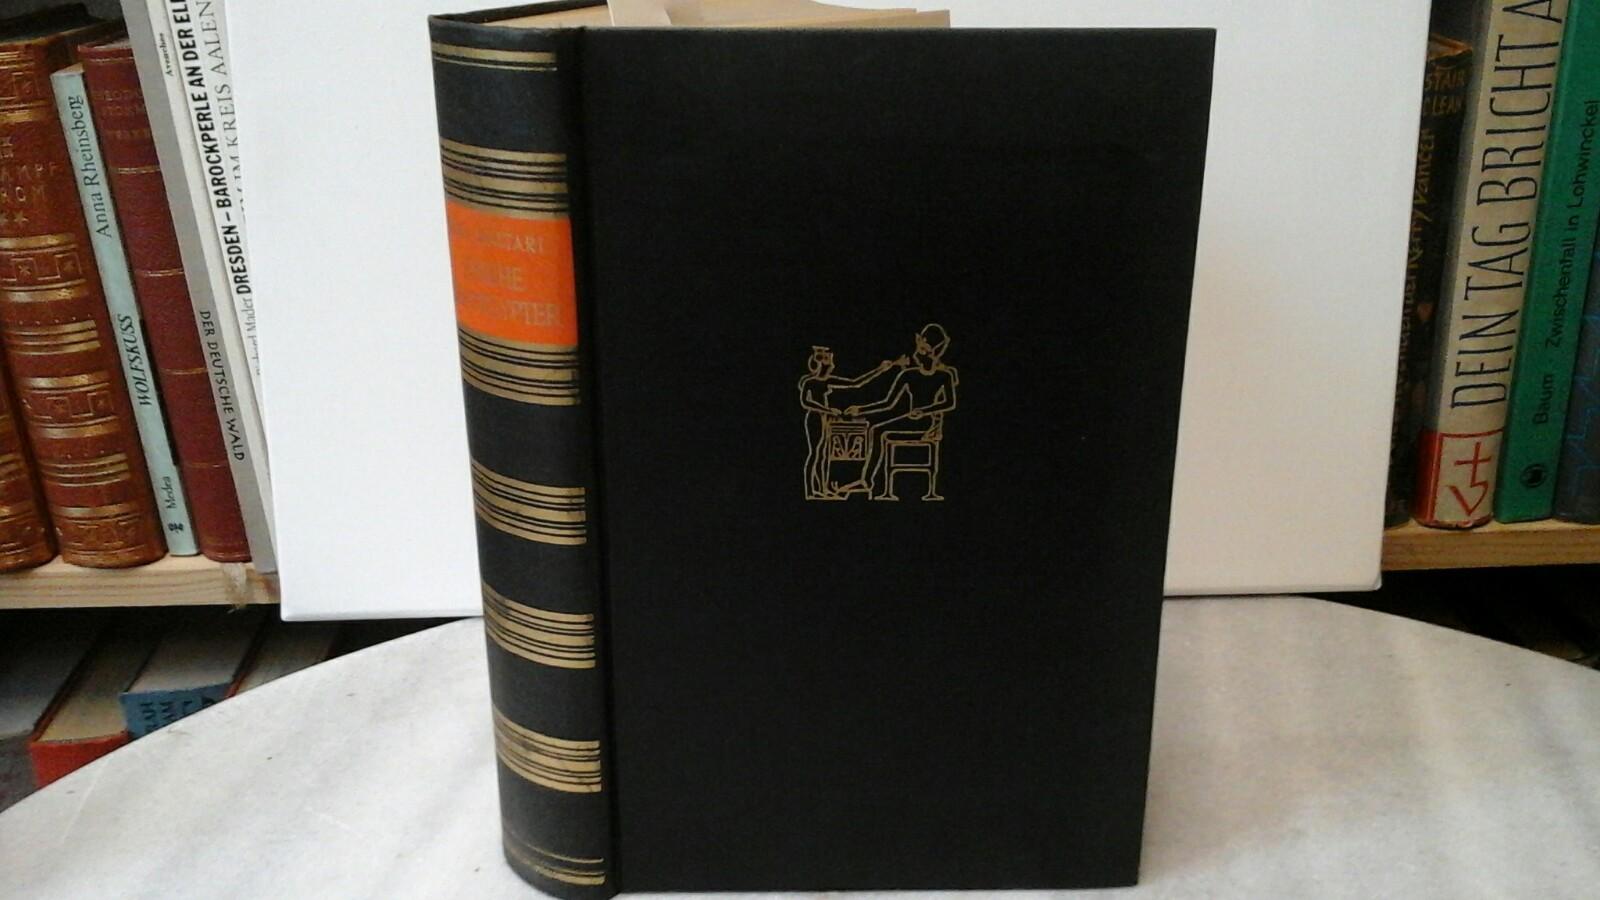 Sinuhe der Ägypter. Roman. Fünfzehn Bücher aus dem Leben des Arztes Sinuhe ungefähr 1390 bis 1335 vor Christi Geburt. Original-Ausgabe.